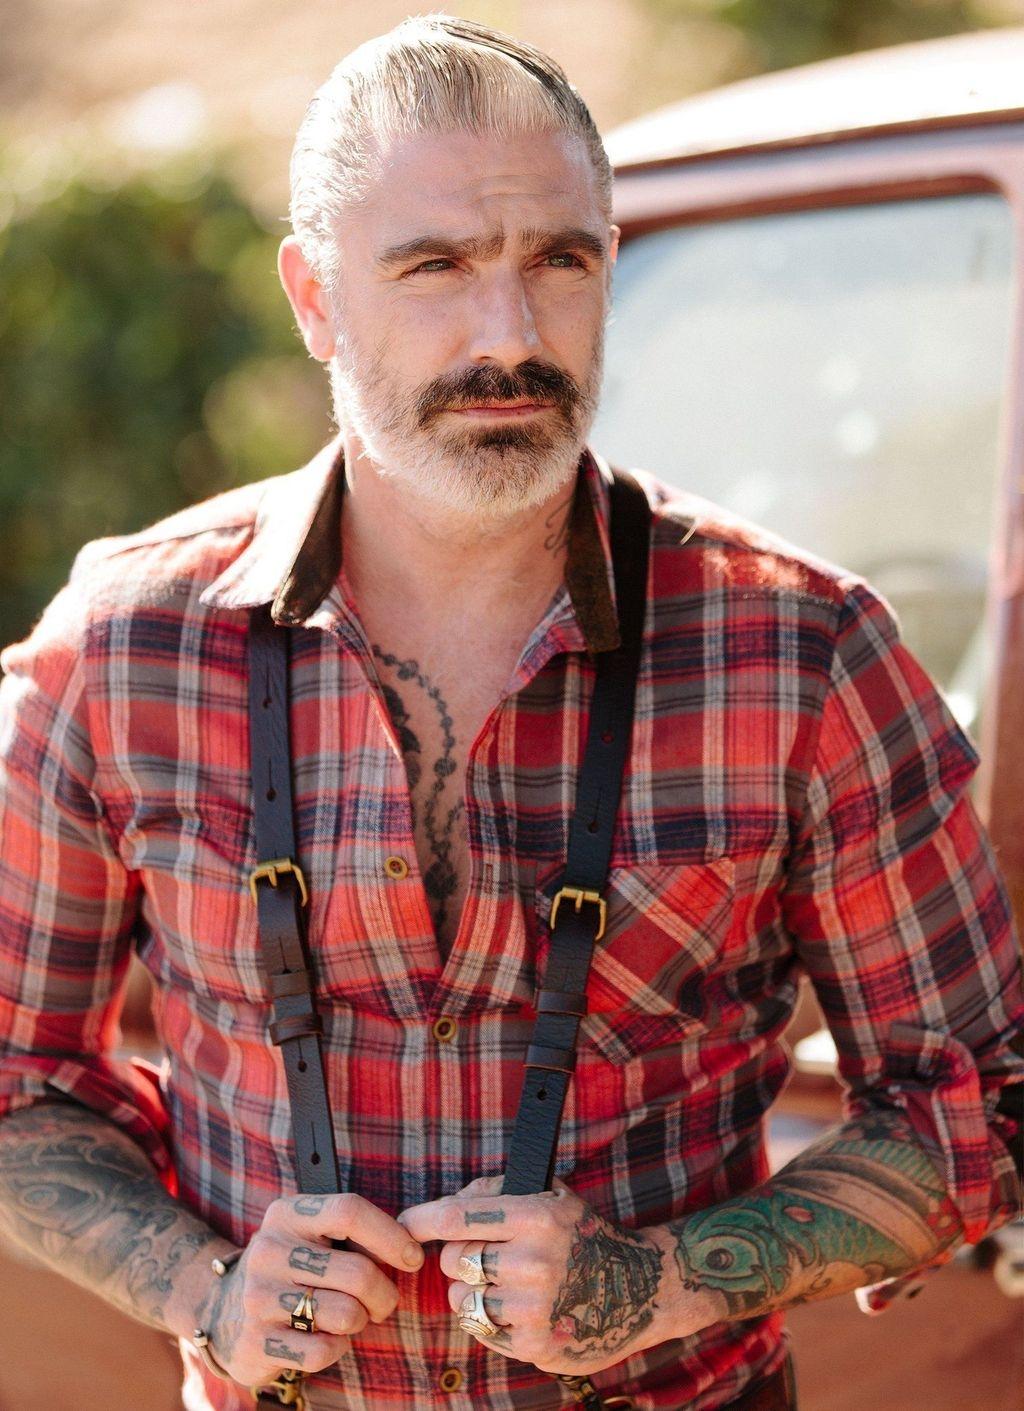 Cozy Plaid Shirt Outfit Christmas Ideas For Handsome Mens38